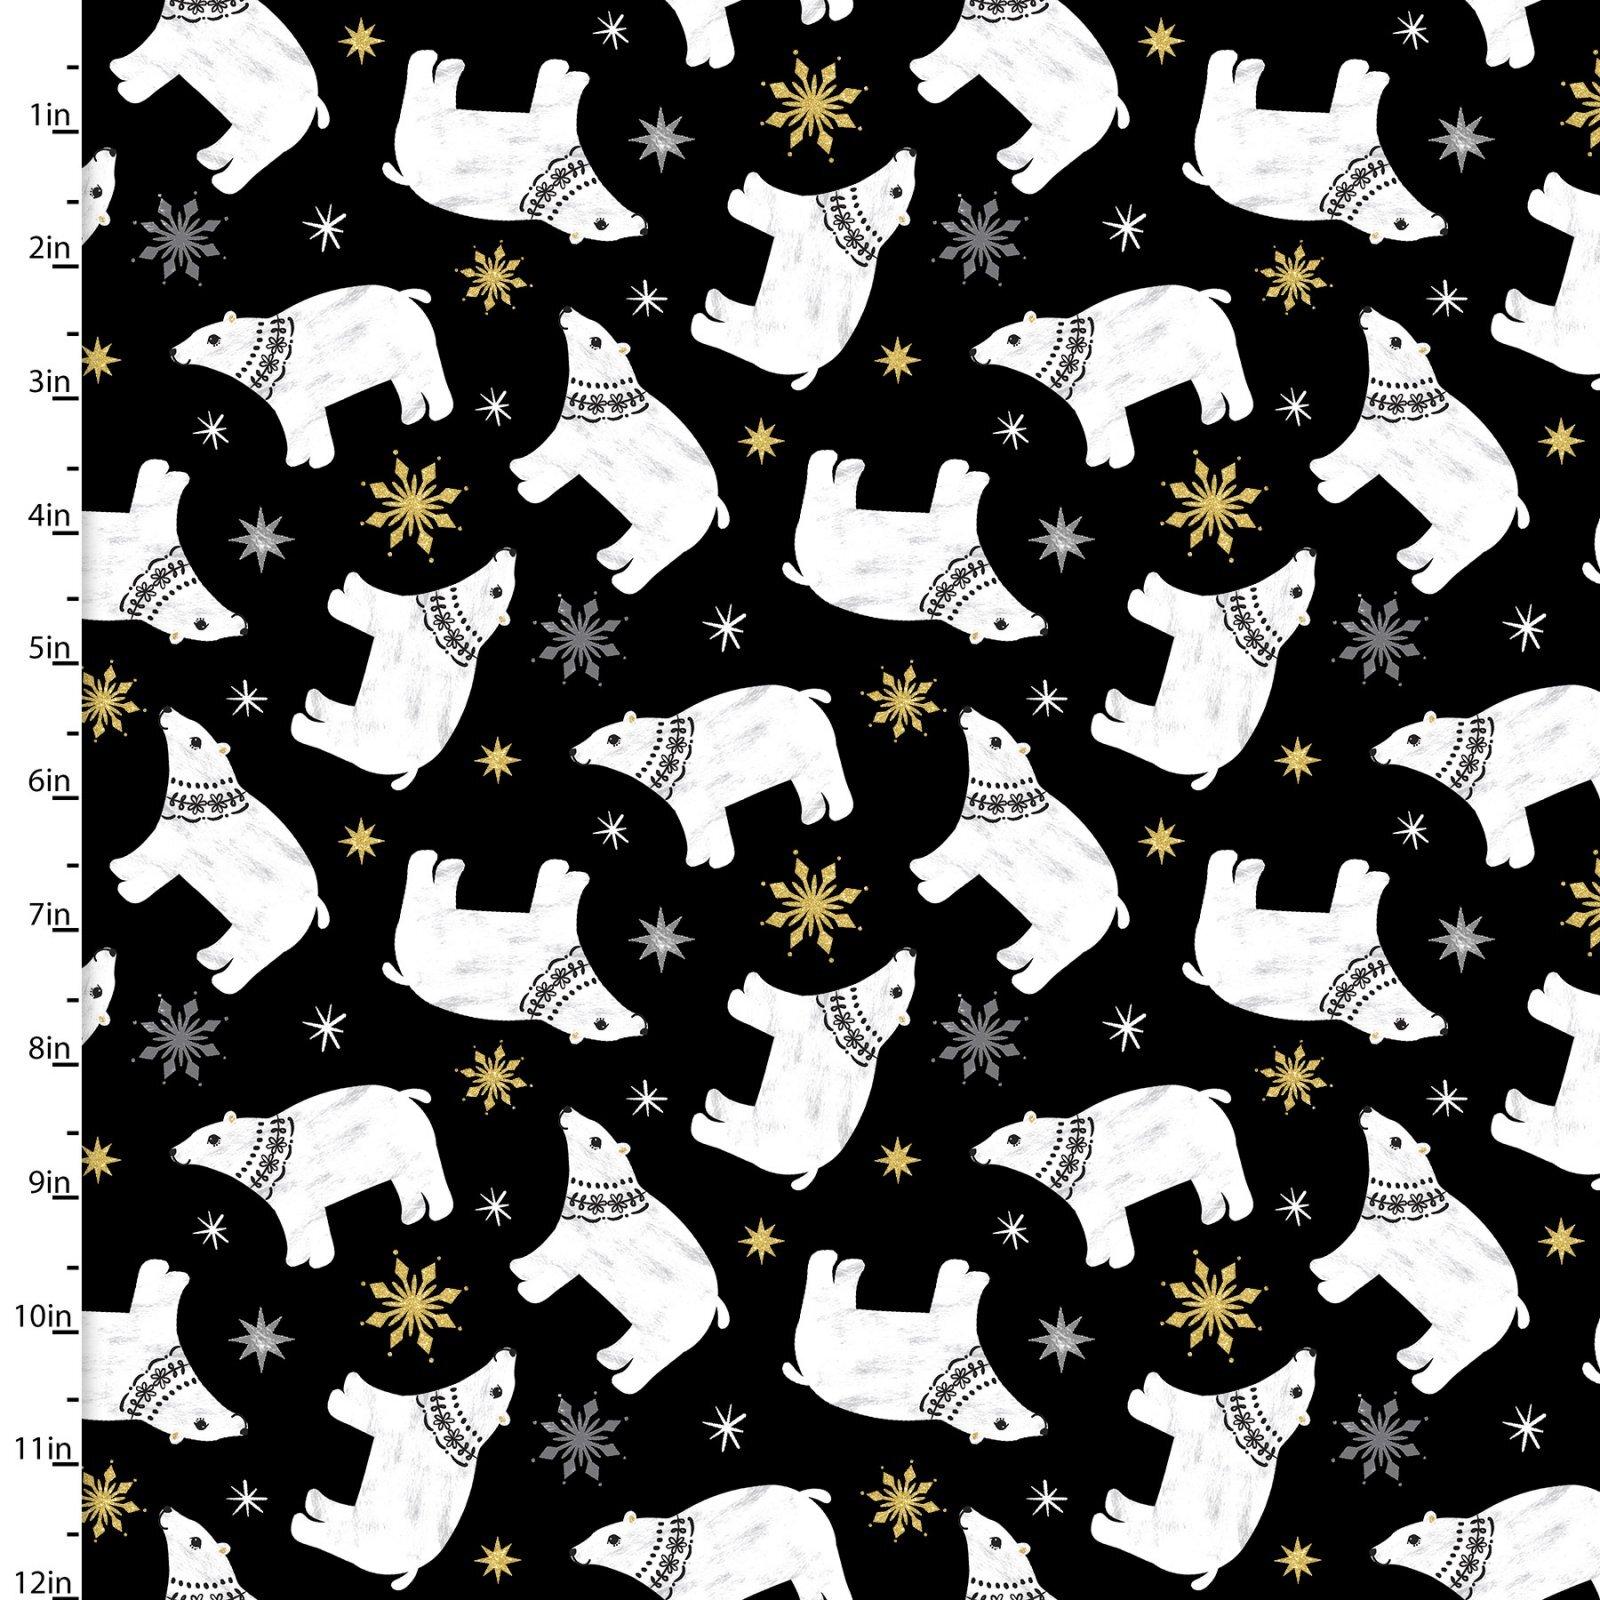 Peace on Earth - Polar Bears on Black - 1/2m cut 58093